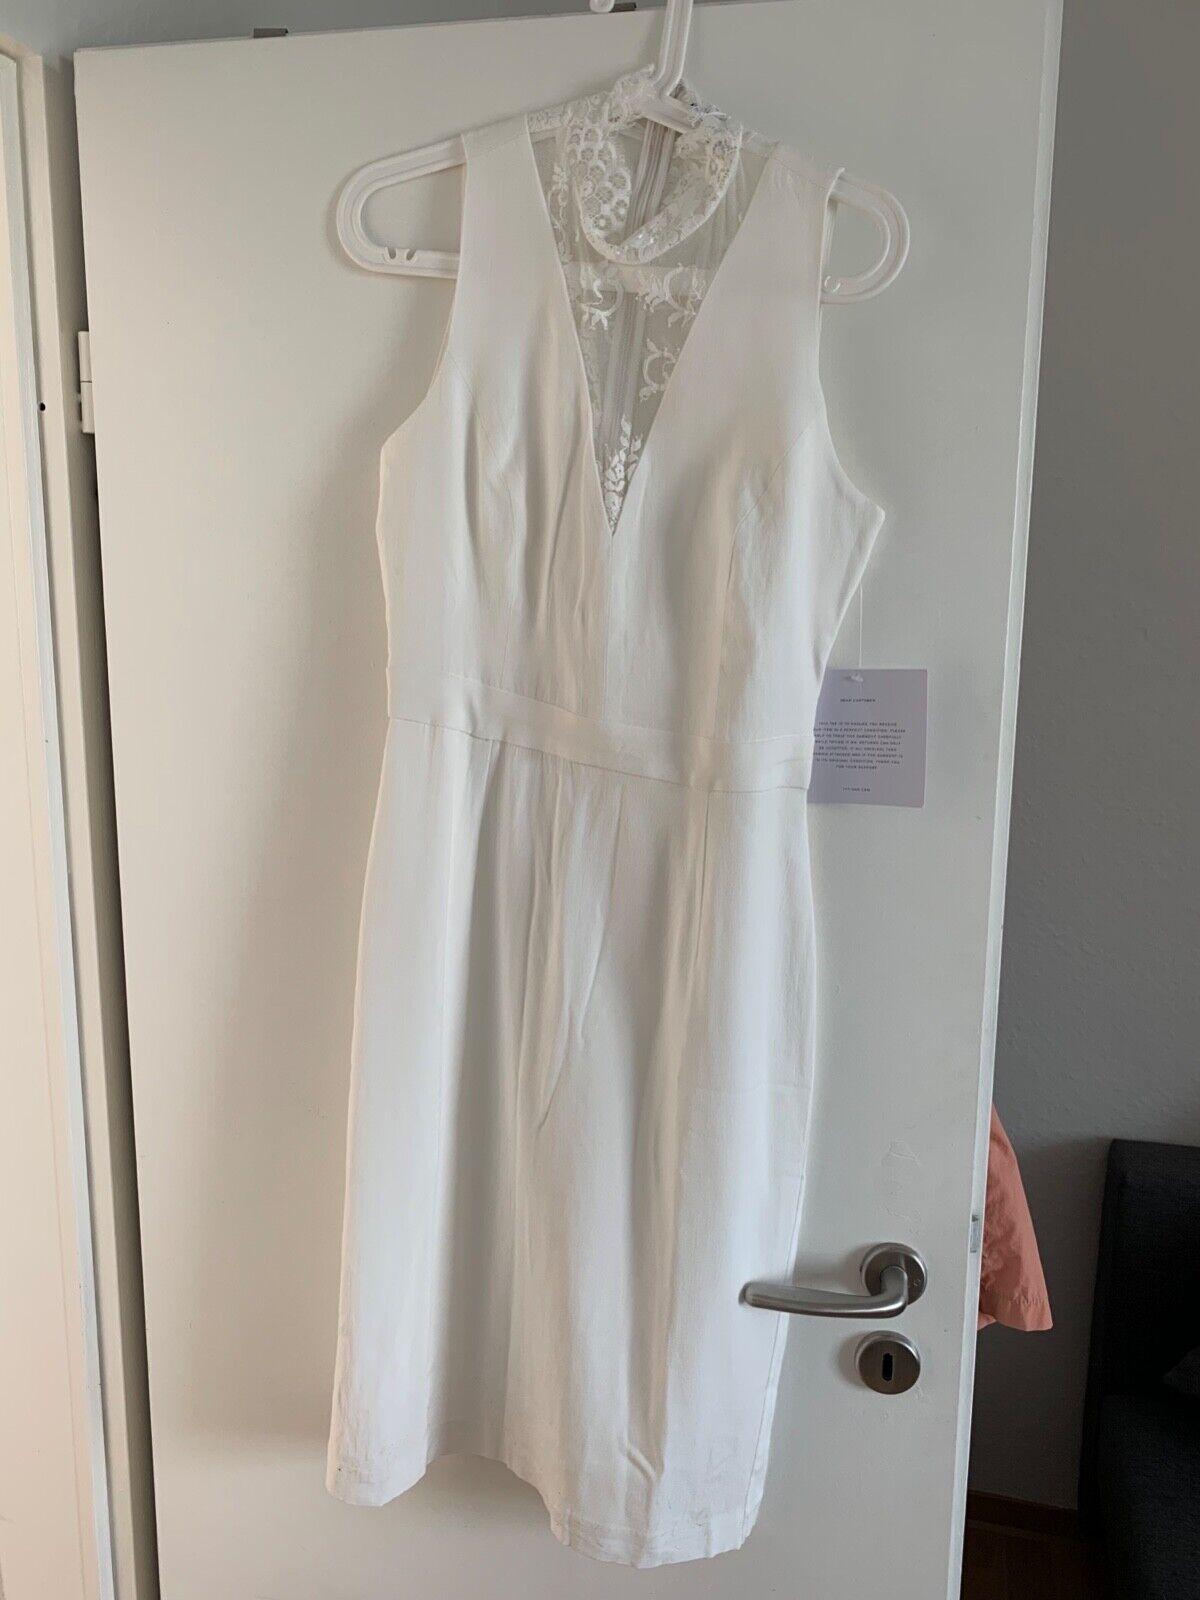 ee088085b5c3de Ivy & Oak Hochzeitskleid Brautkleid Kleid Standesamt neu Größe 36  ungetragen und nuhnso2228-Kleider